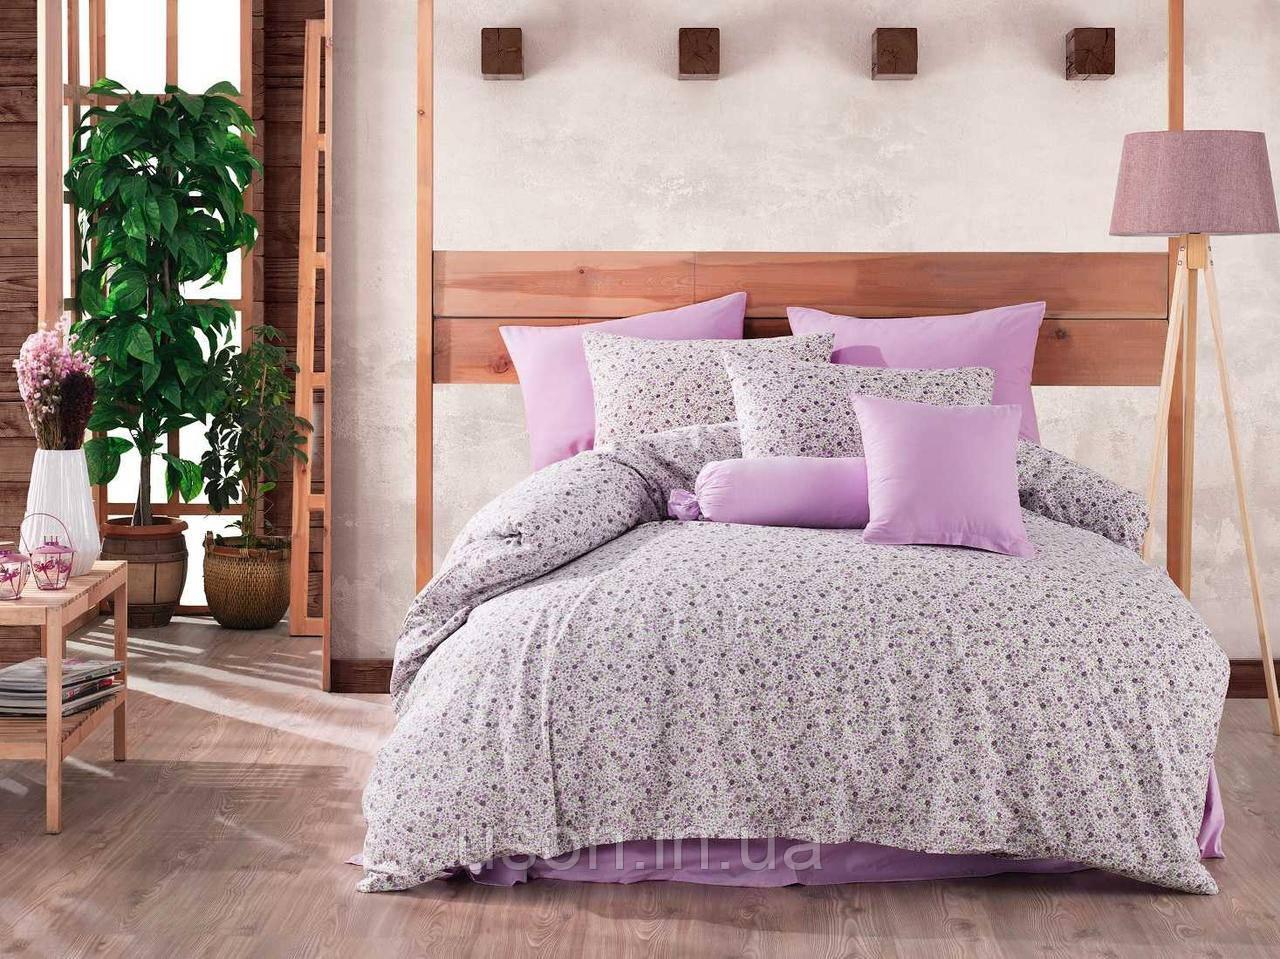 Комплект постельного белья ранфорс ТМ Majoly 200*220   Lily Lilac